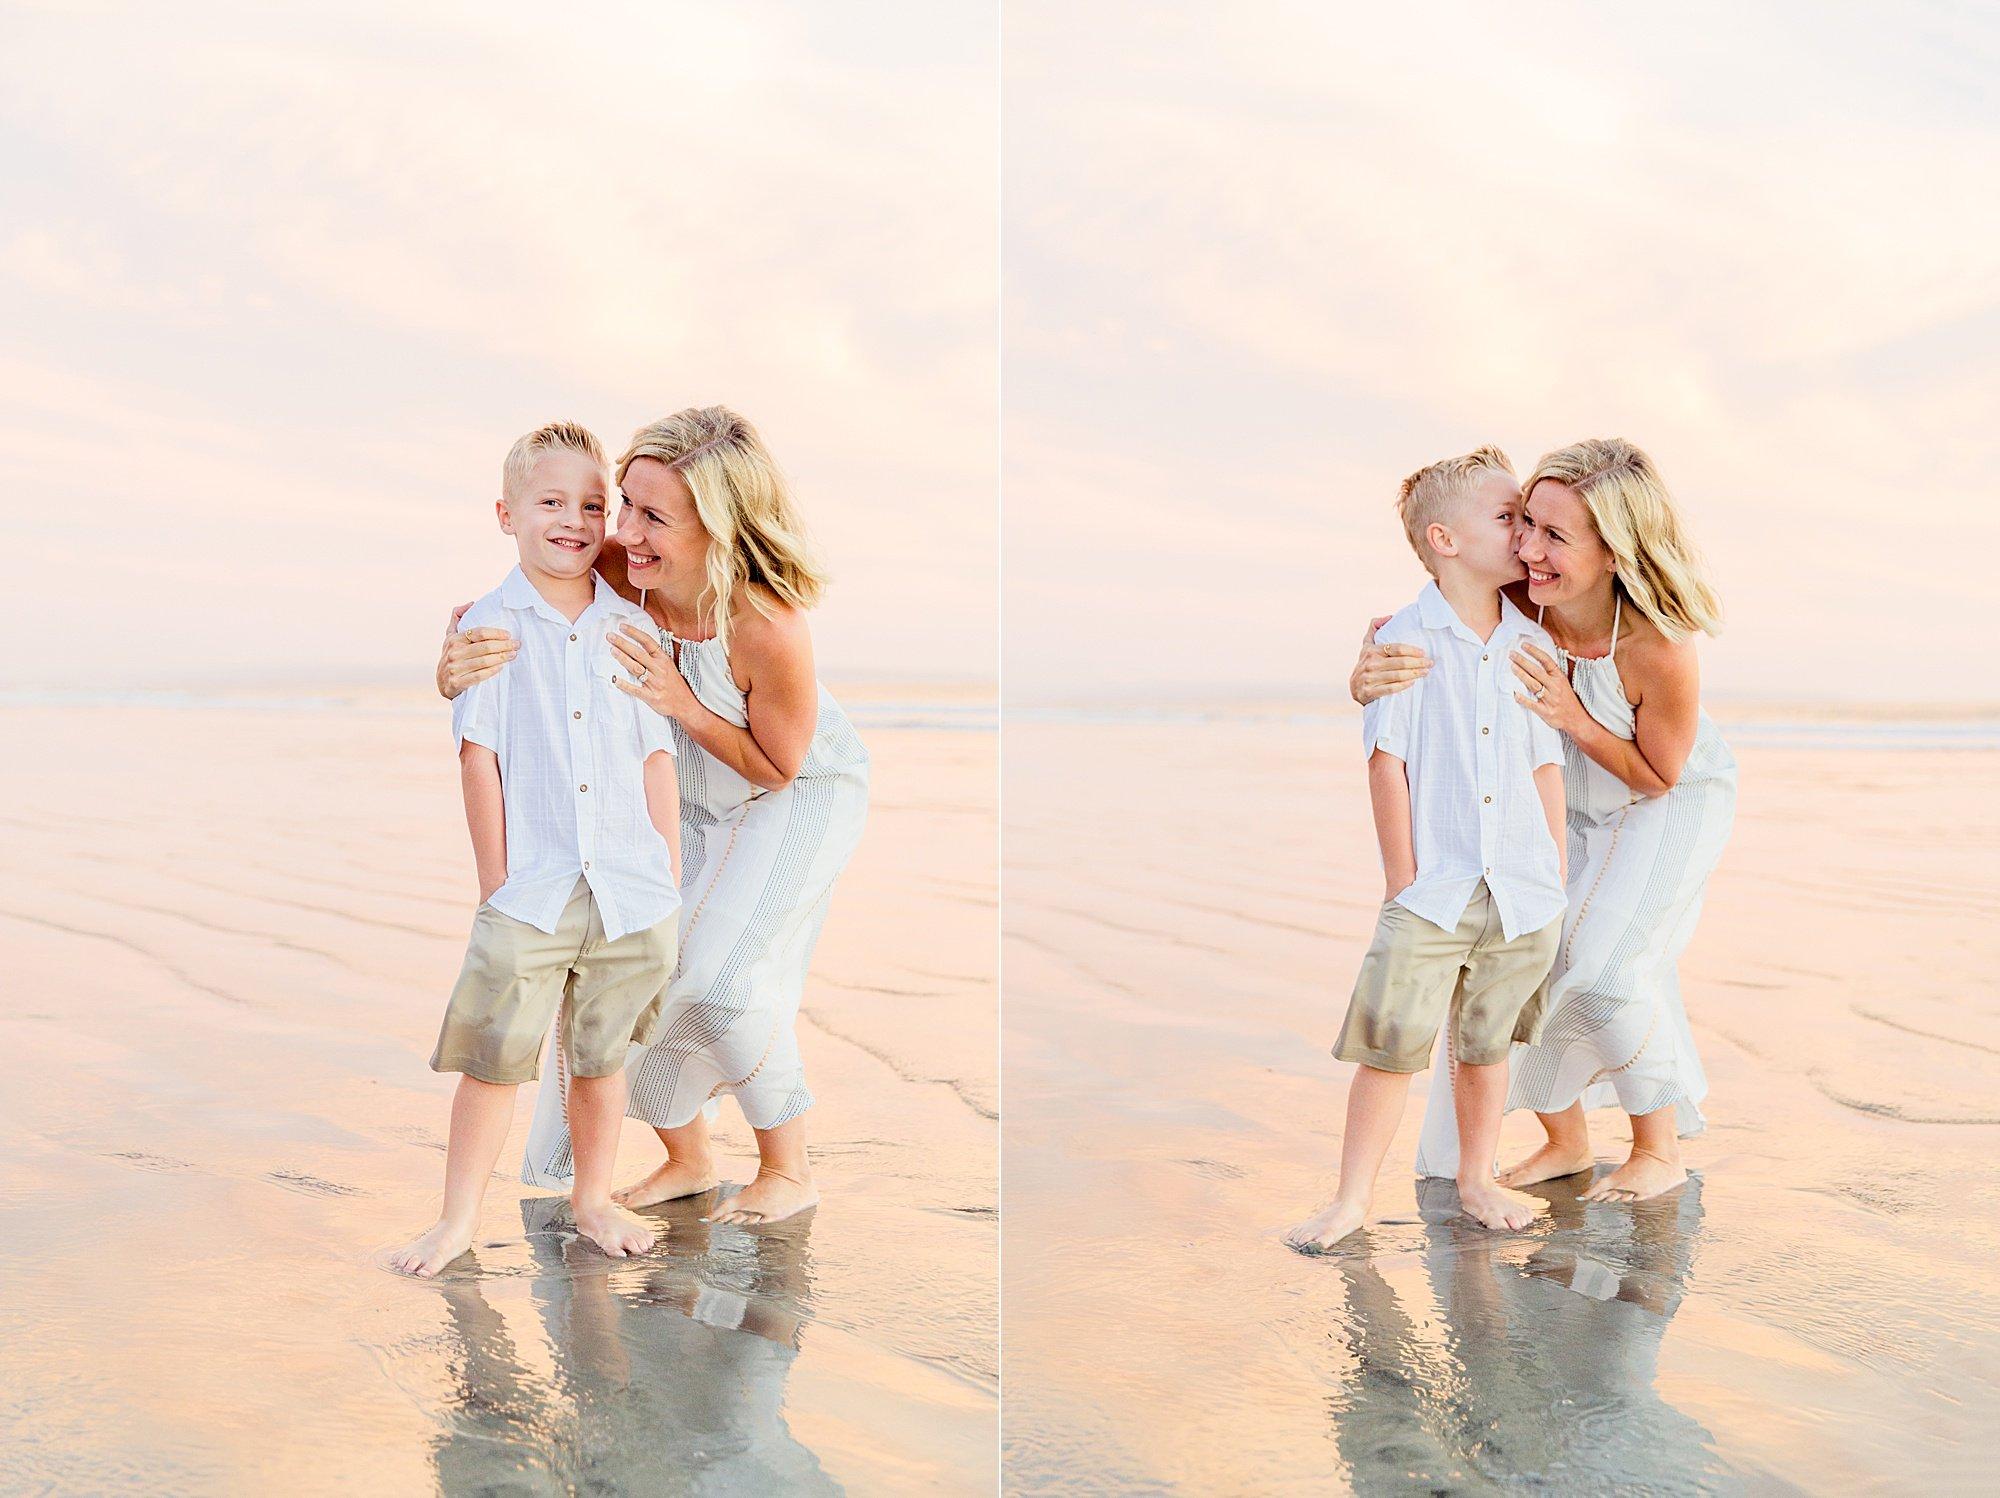 Beach Couple Photos   San Diego Beach Photography